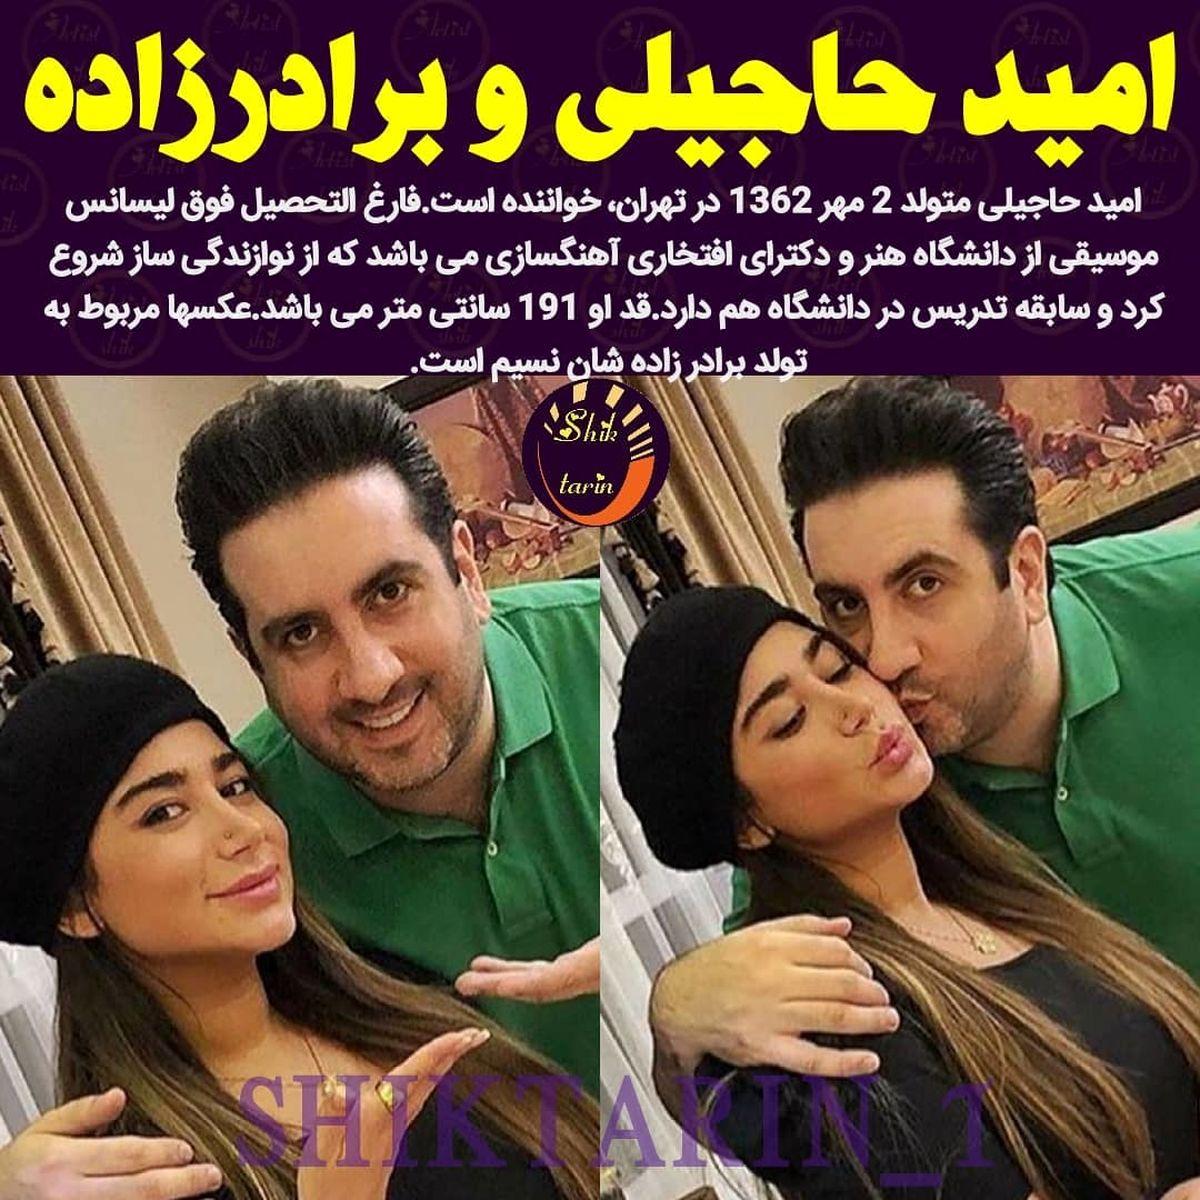 بوسه جنجالی امید حاجیلی بر صورت یک دخترِ بی حجاب ! + عکس